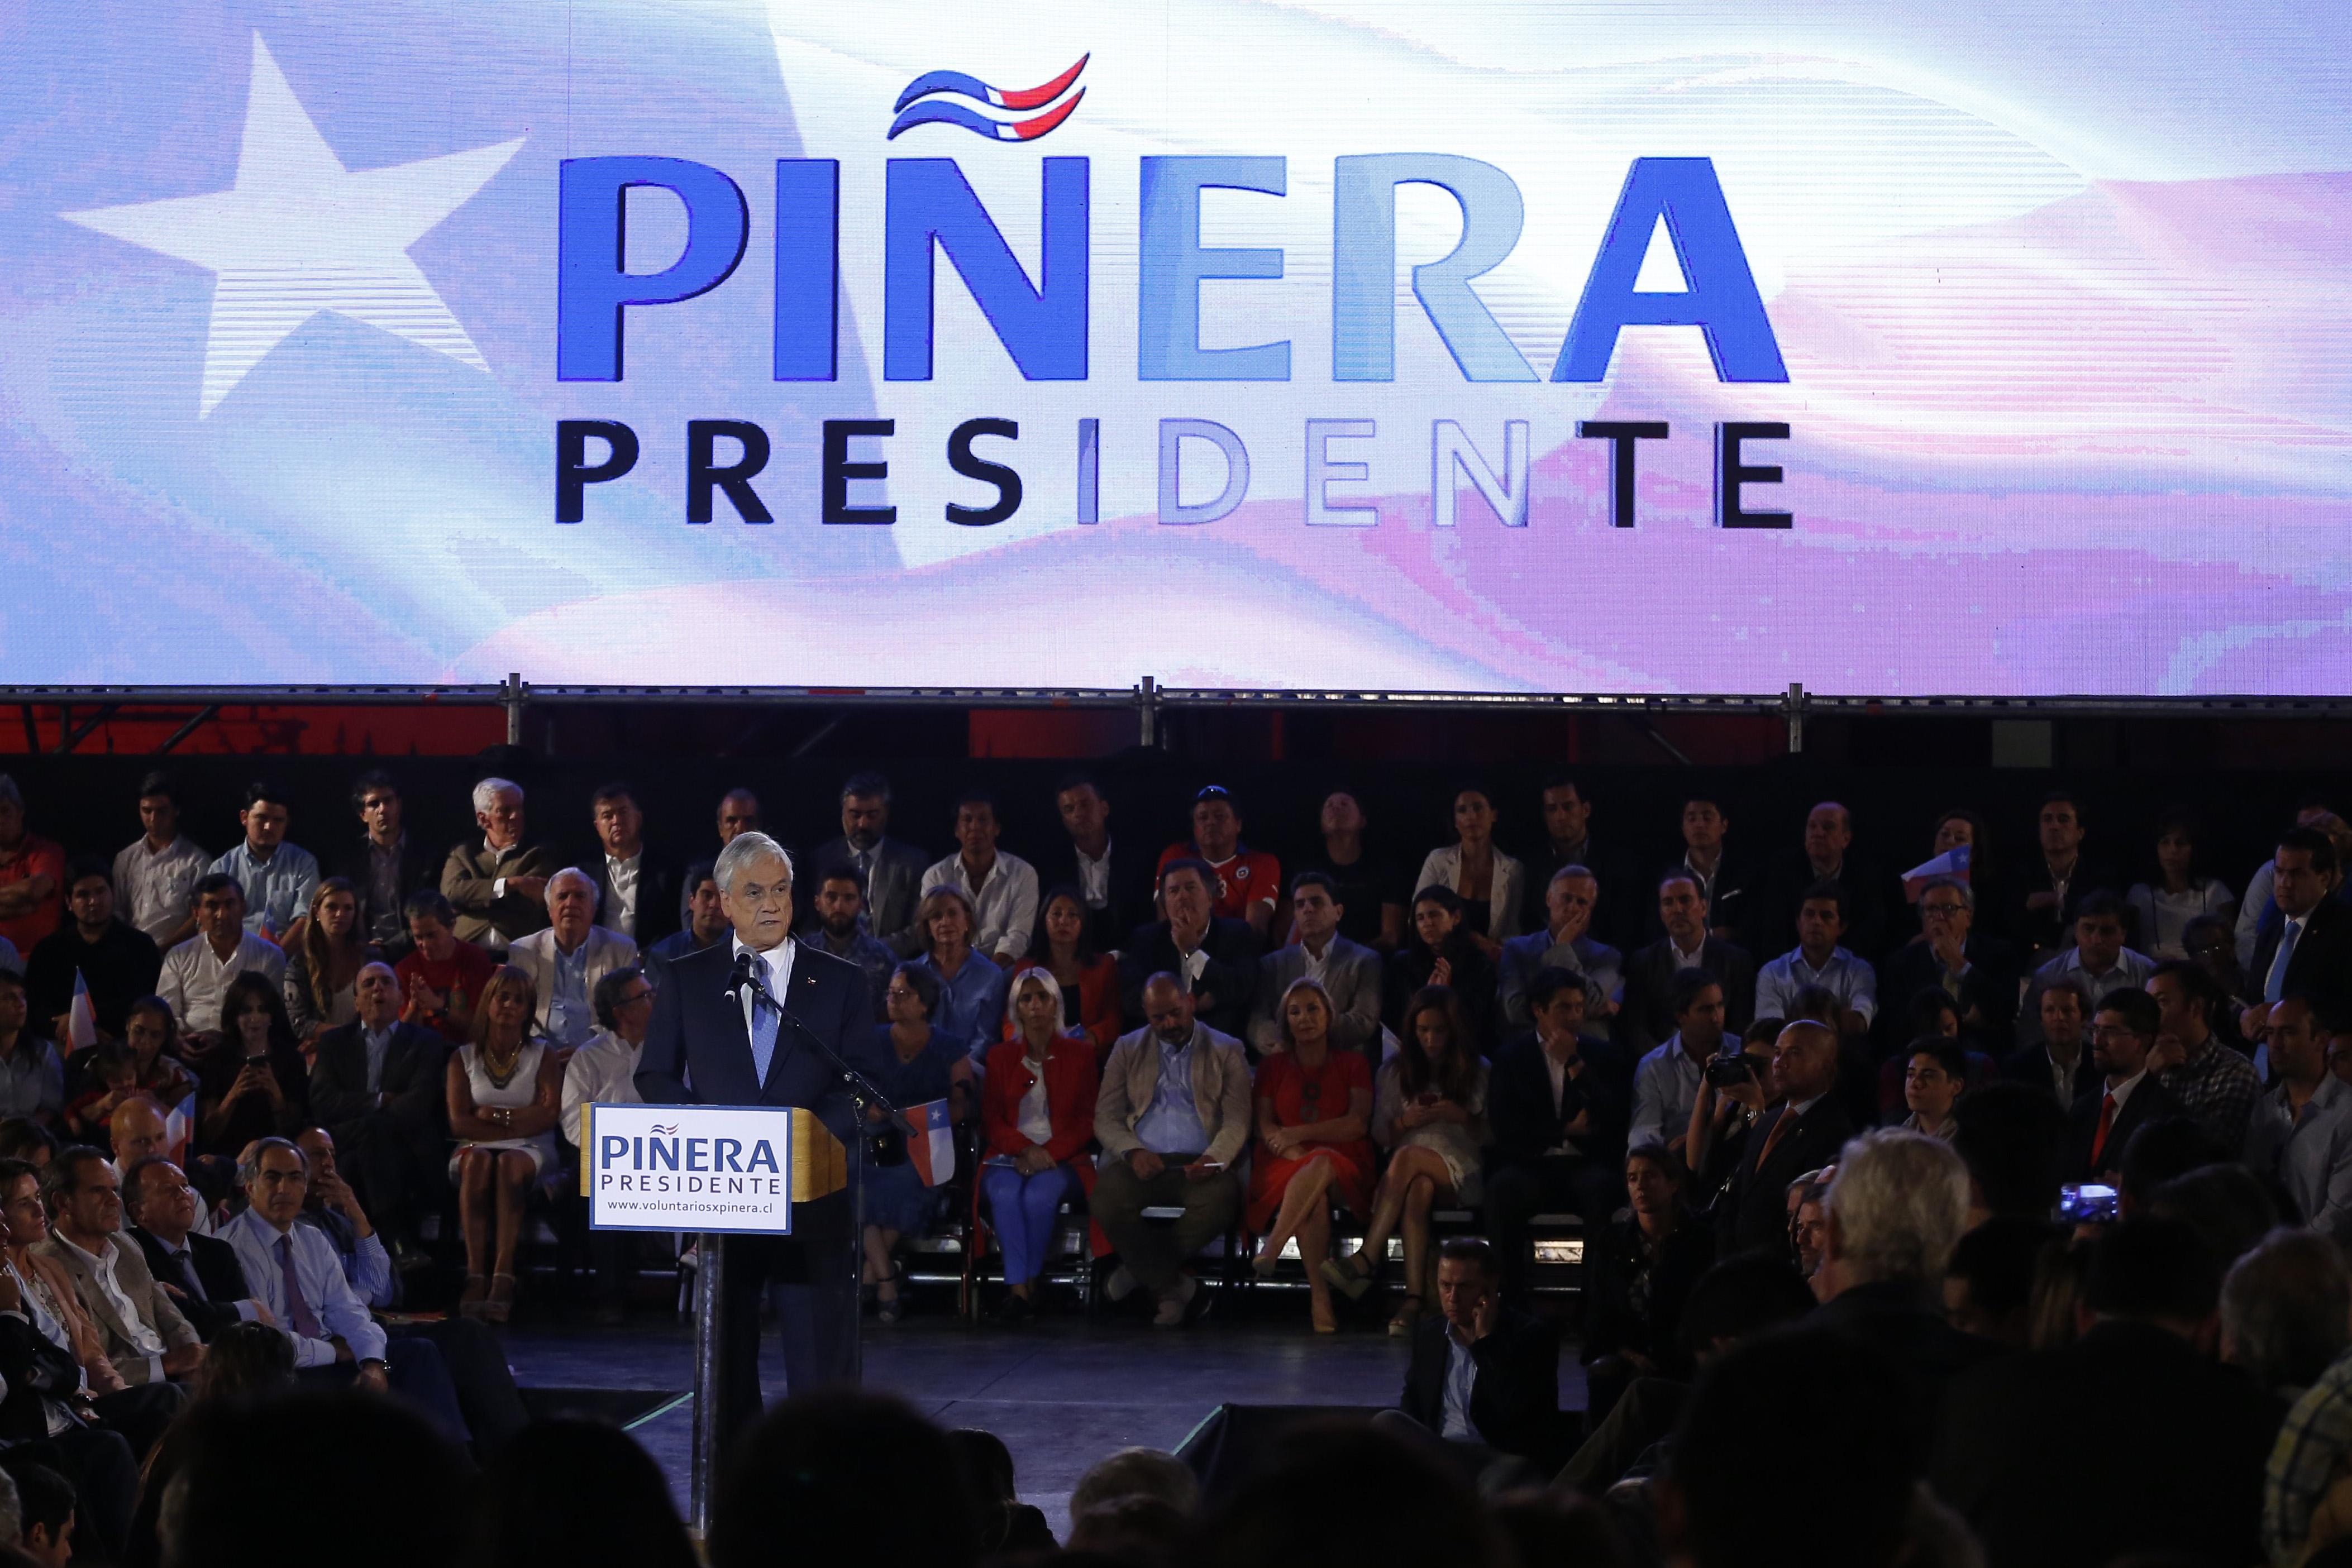 Sebastián Piñera anunció su candidatura presidencial y criticó duramente a la Nueva Mayoría